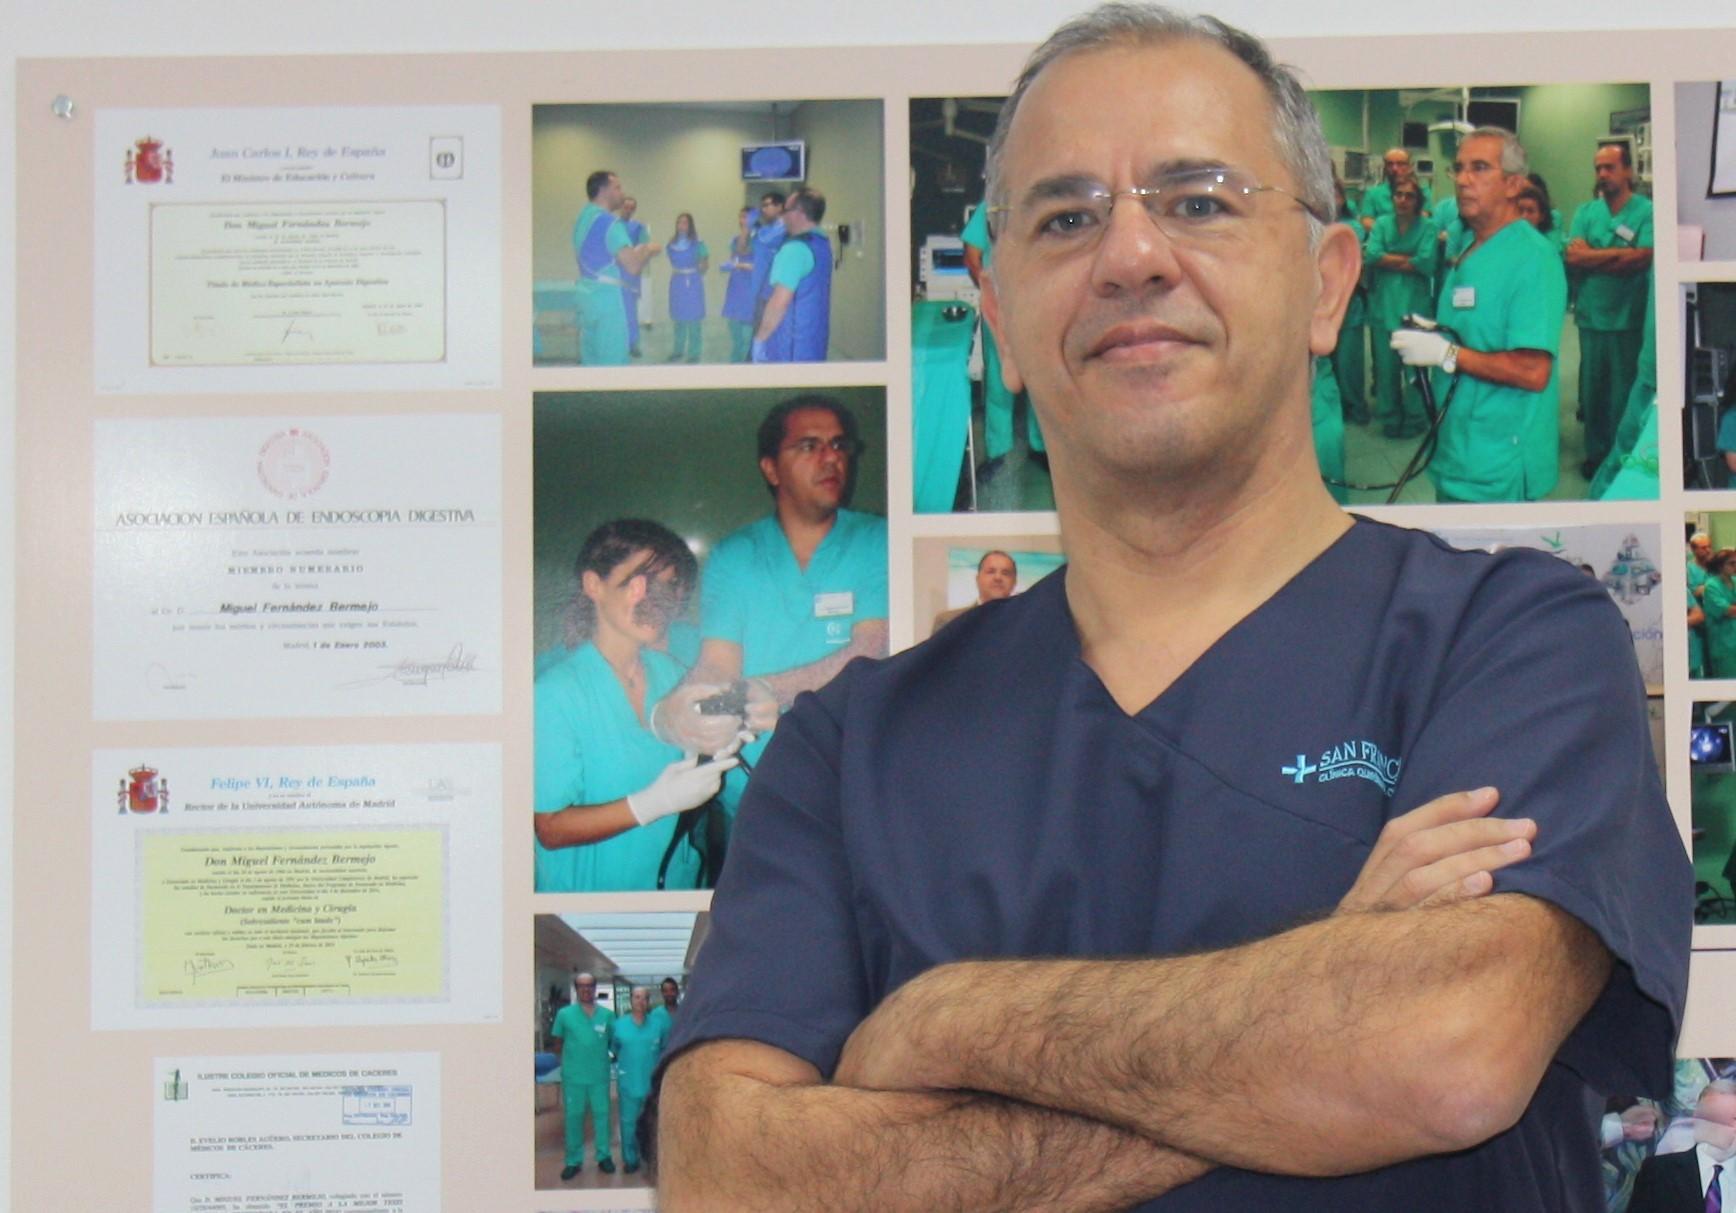 Dr Miguel Fernández Bermejo